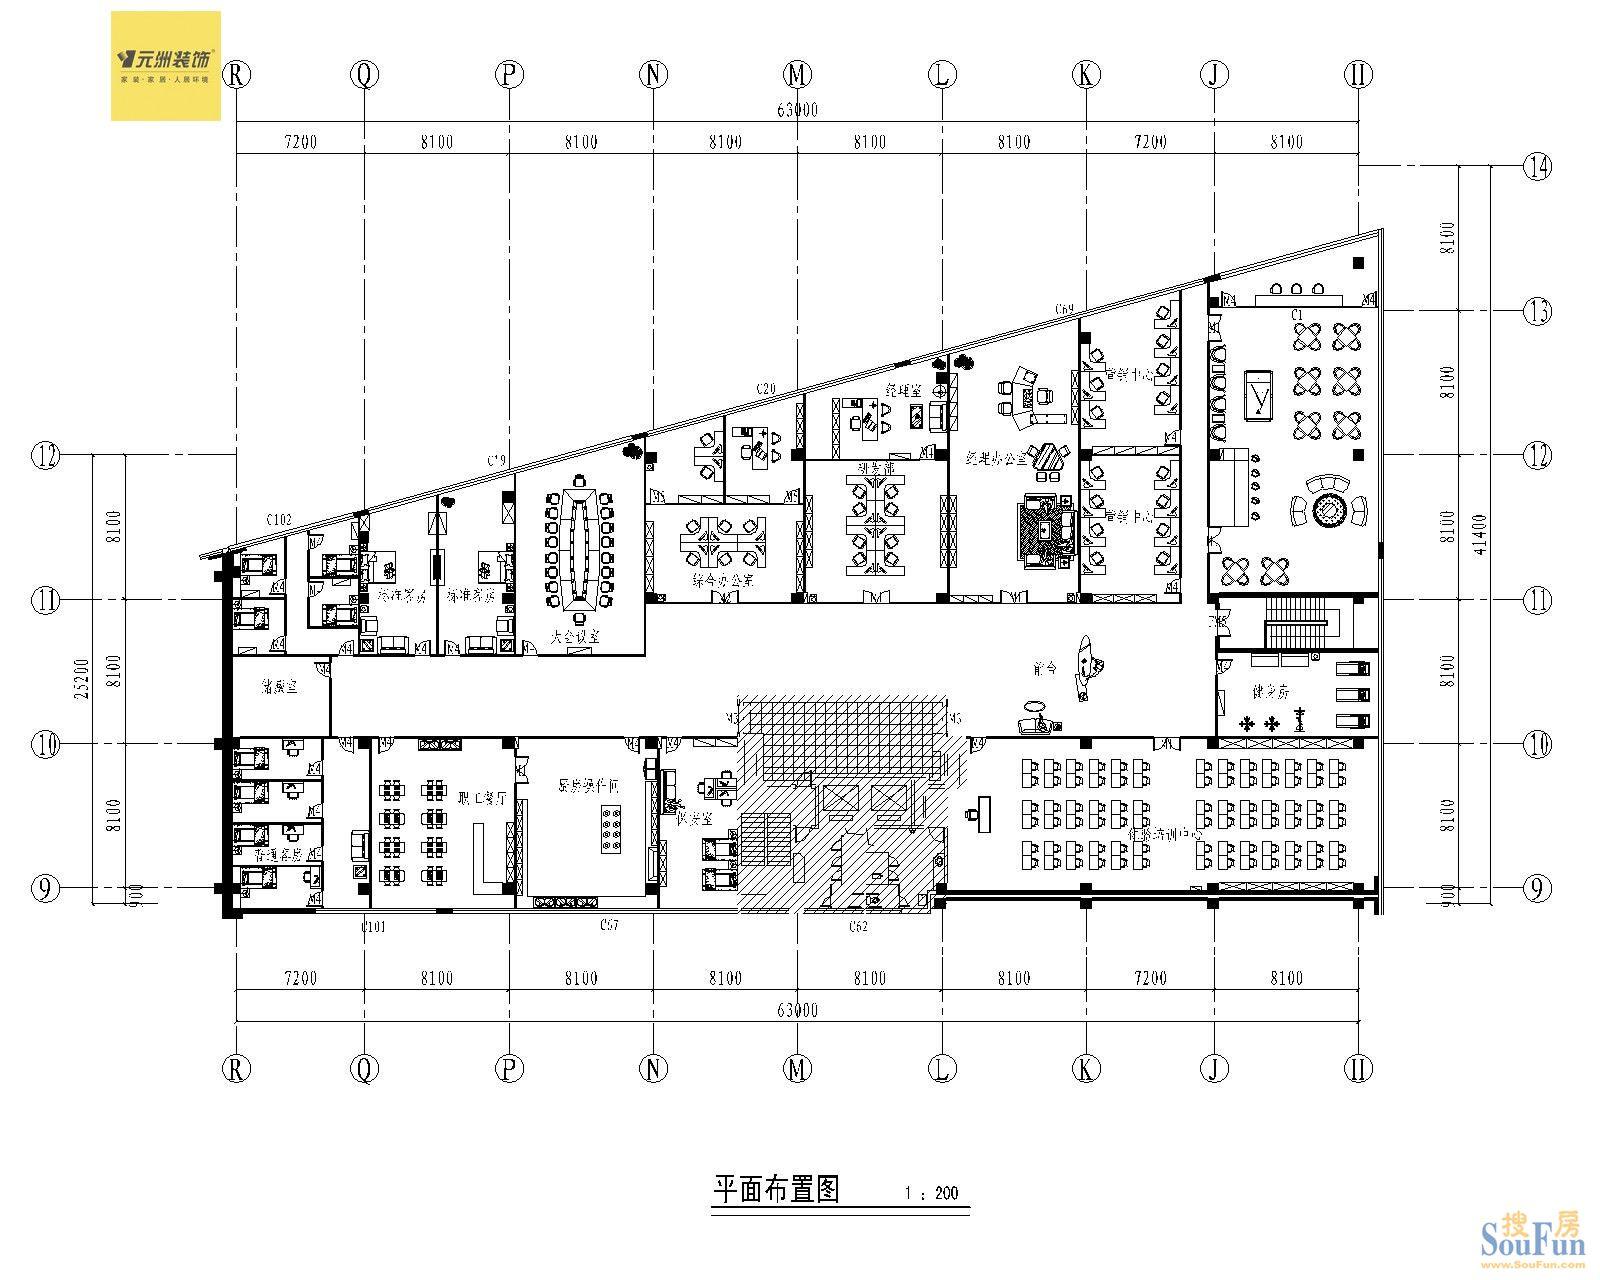 多功能厅平面图-200平1室1厅 现代简约风格装修案例 预算12万元图片